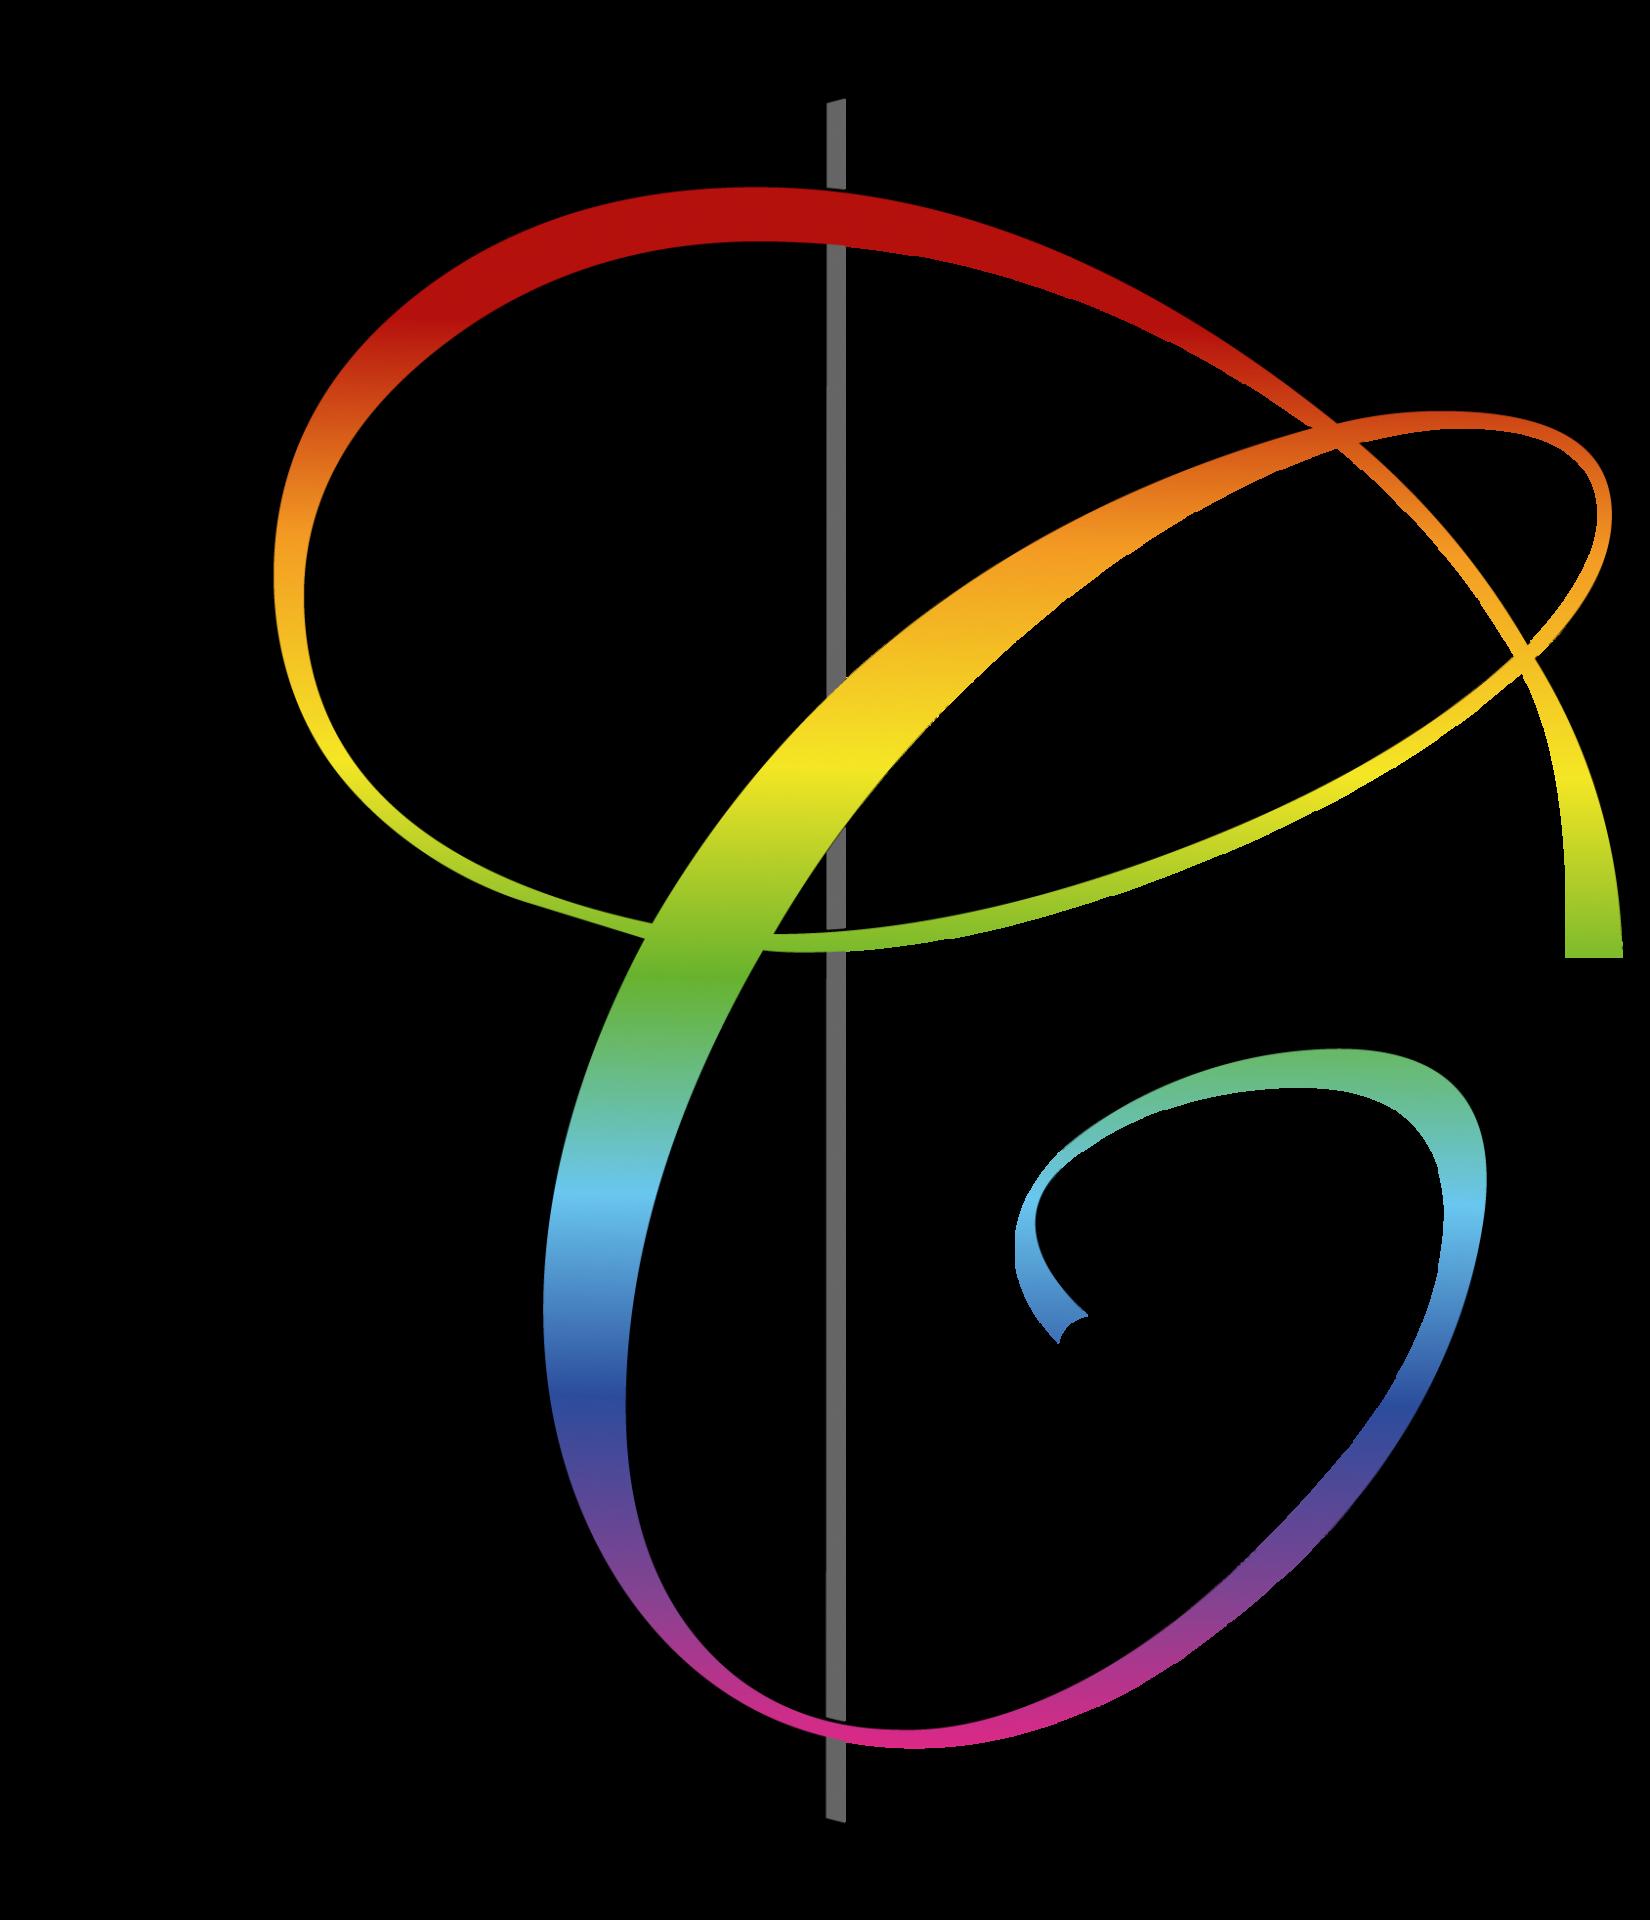 Logo c c 1